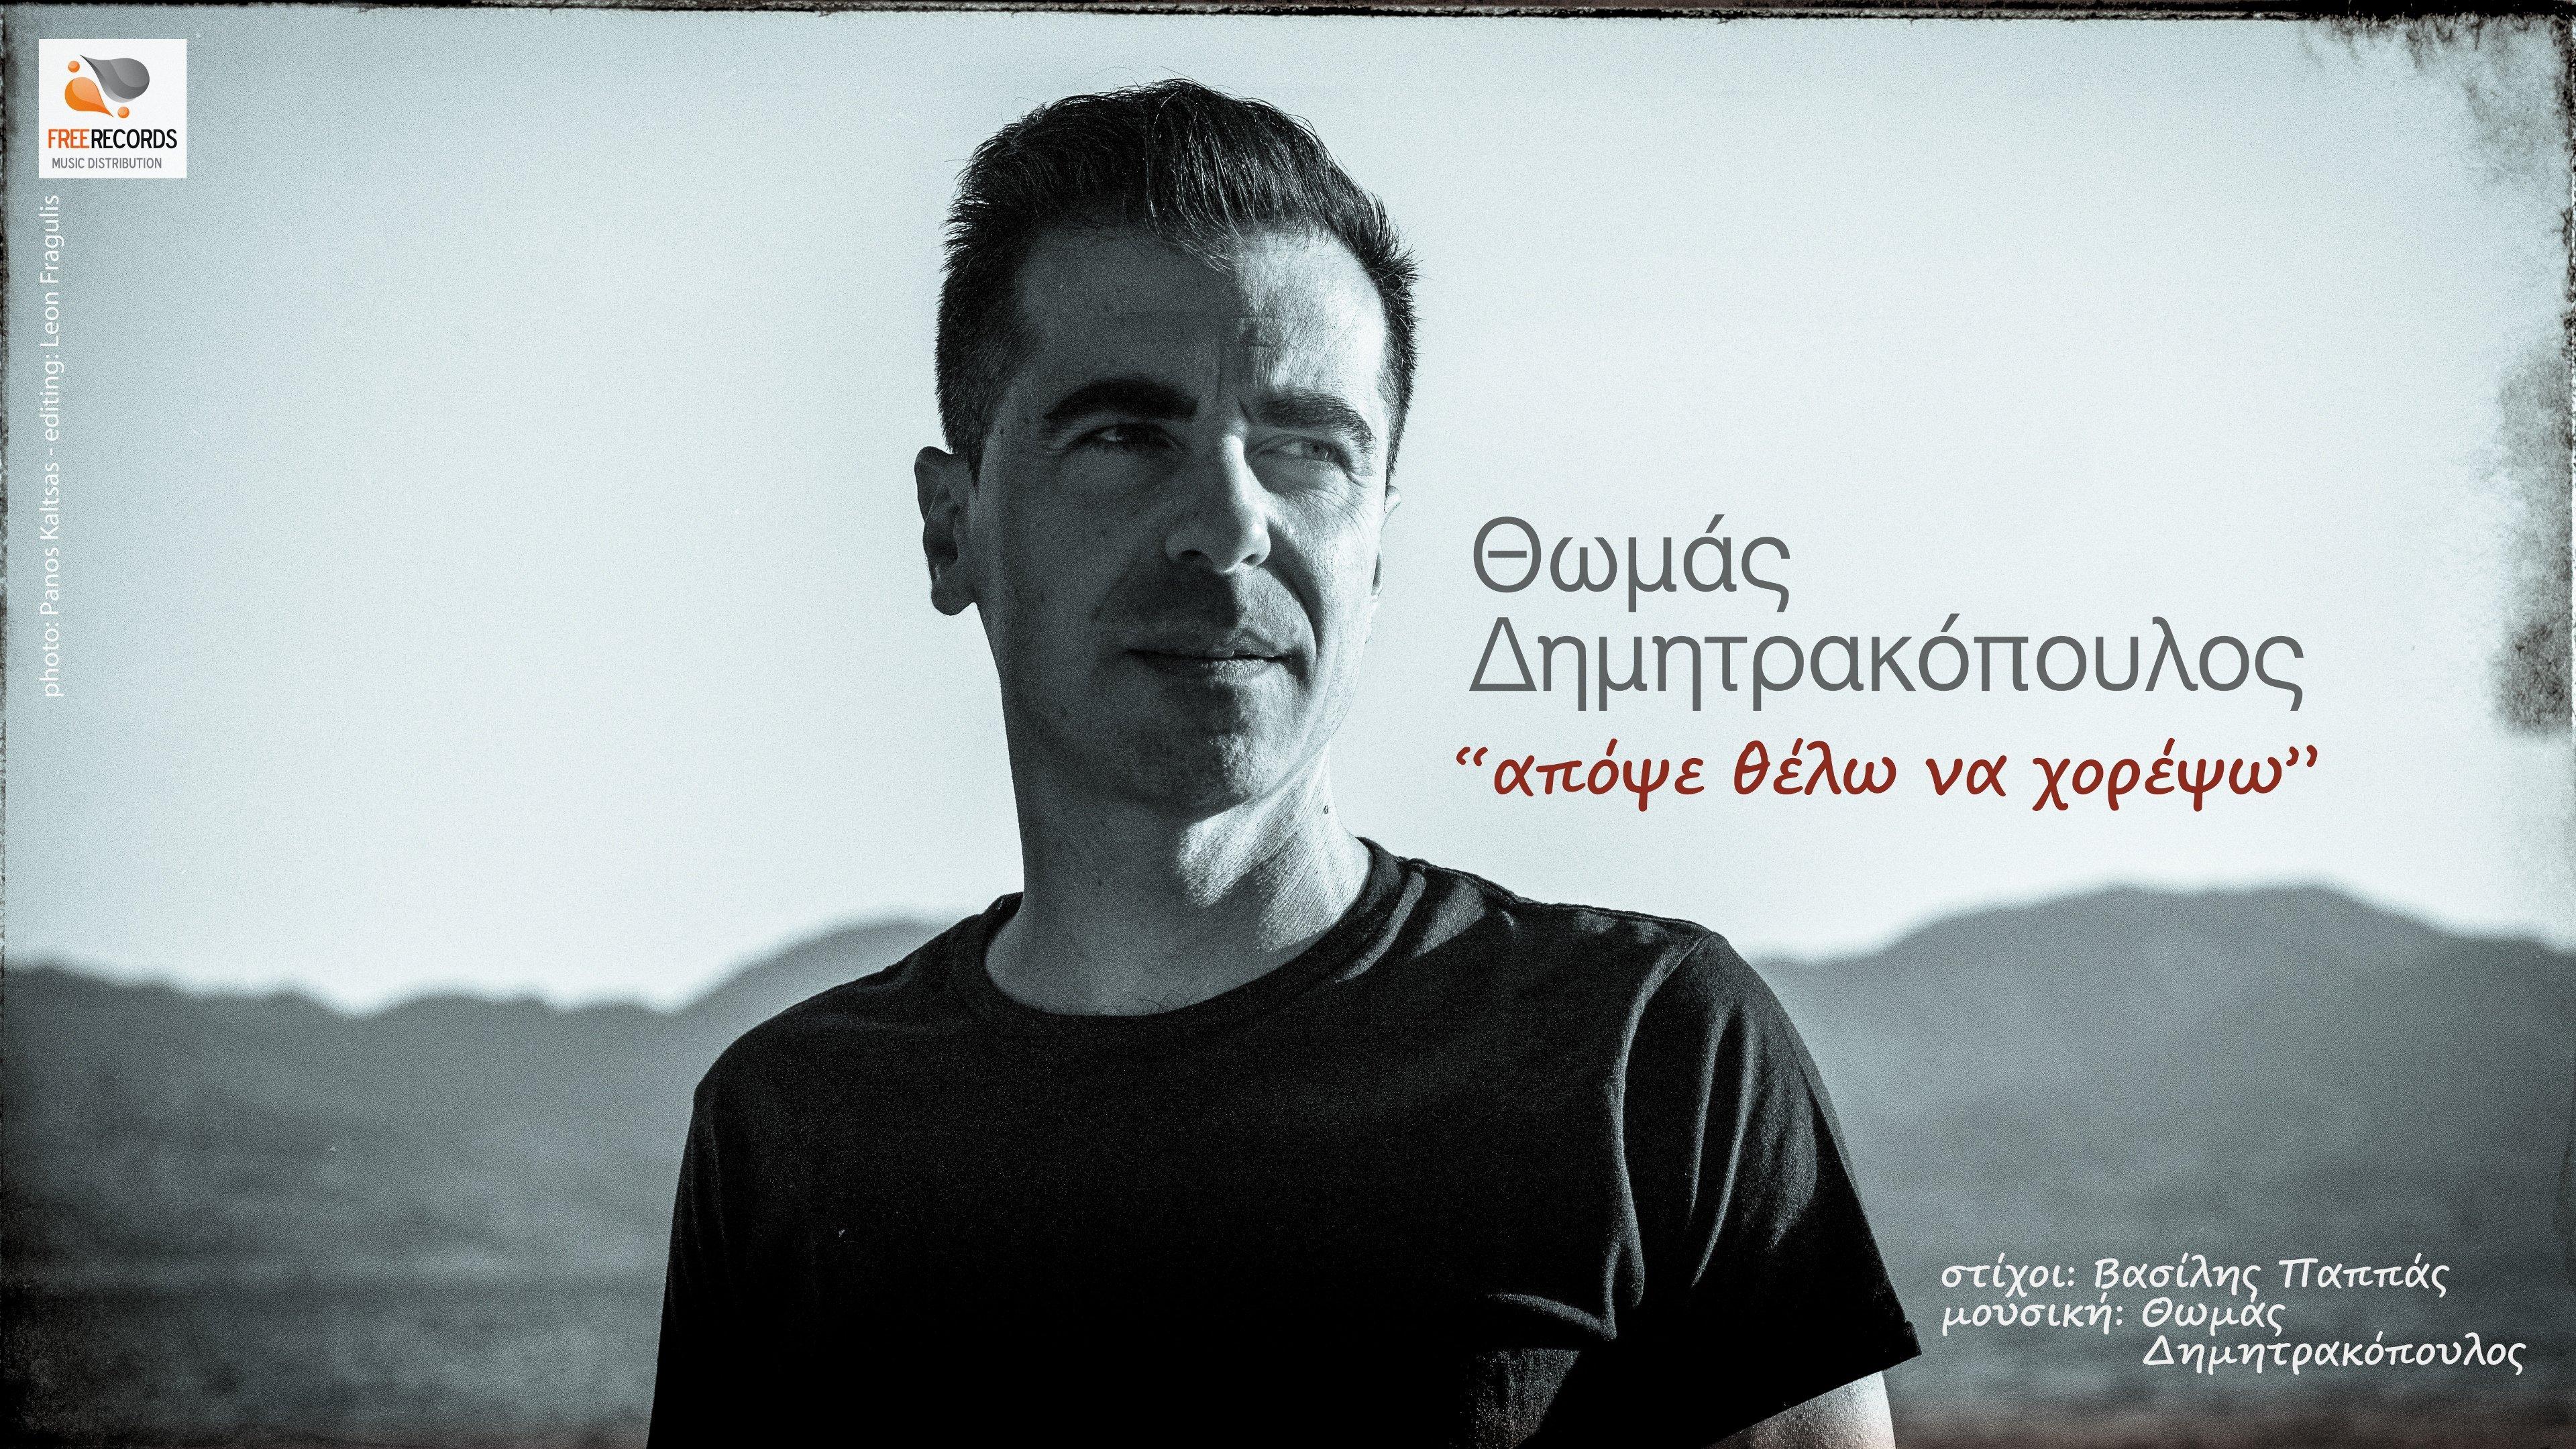 Ο Θώμας Δημητρακόπουλος επιστρέφει με νέο τραγούδι που κυκλοφορεί από την Free Records (VIDEO)